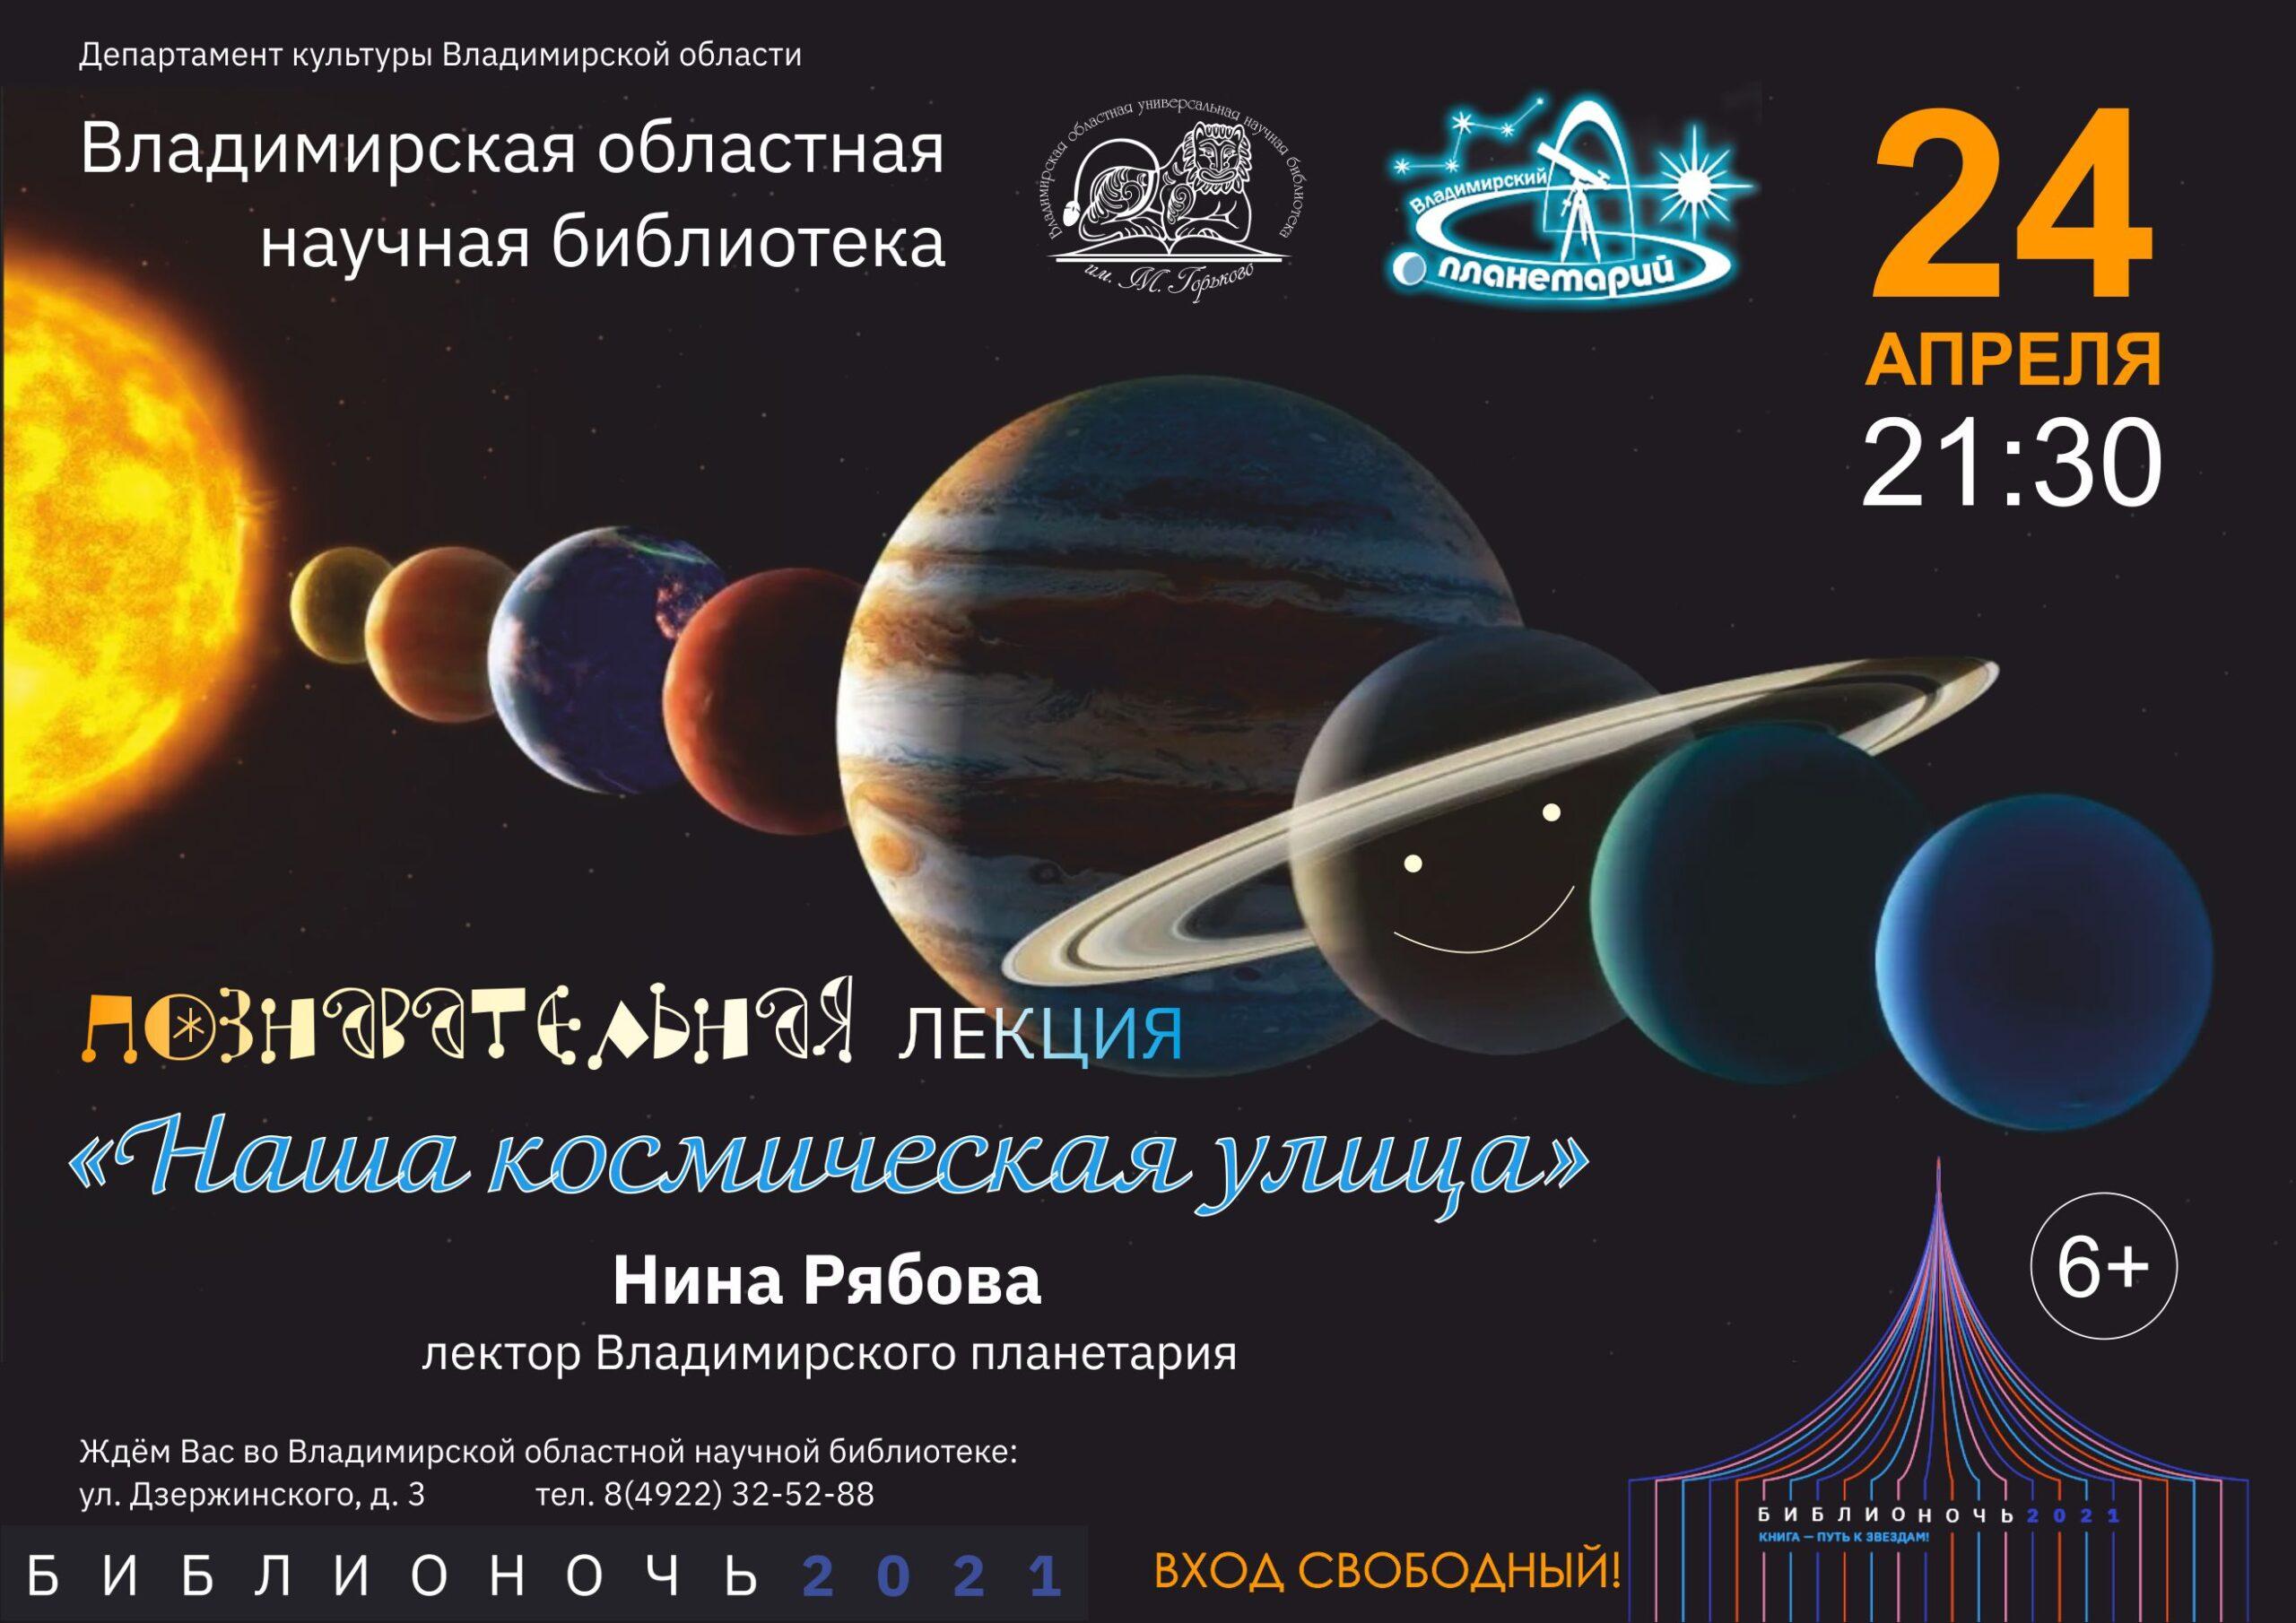 Космическая улица: лекция планетария Афиша